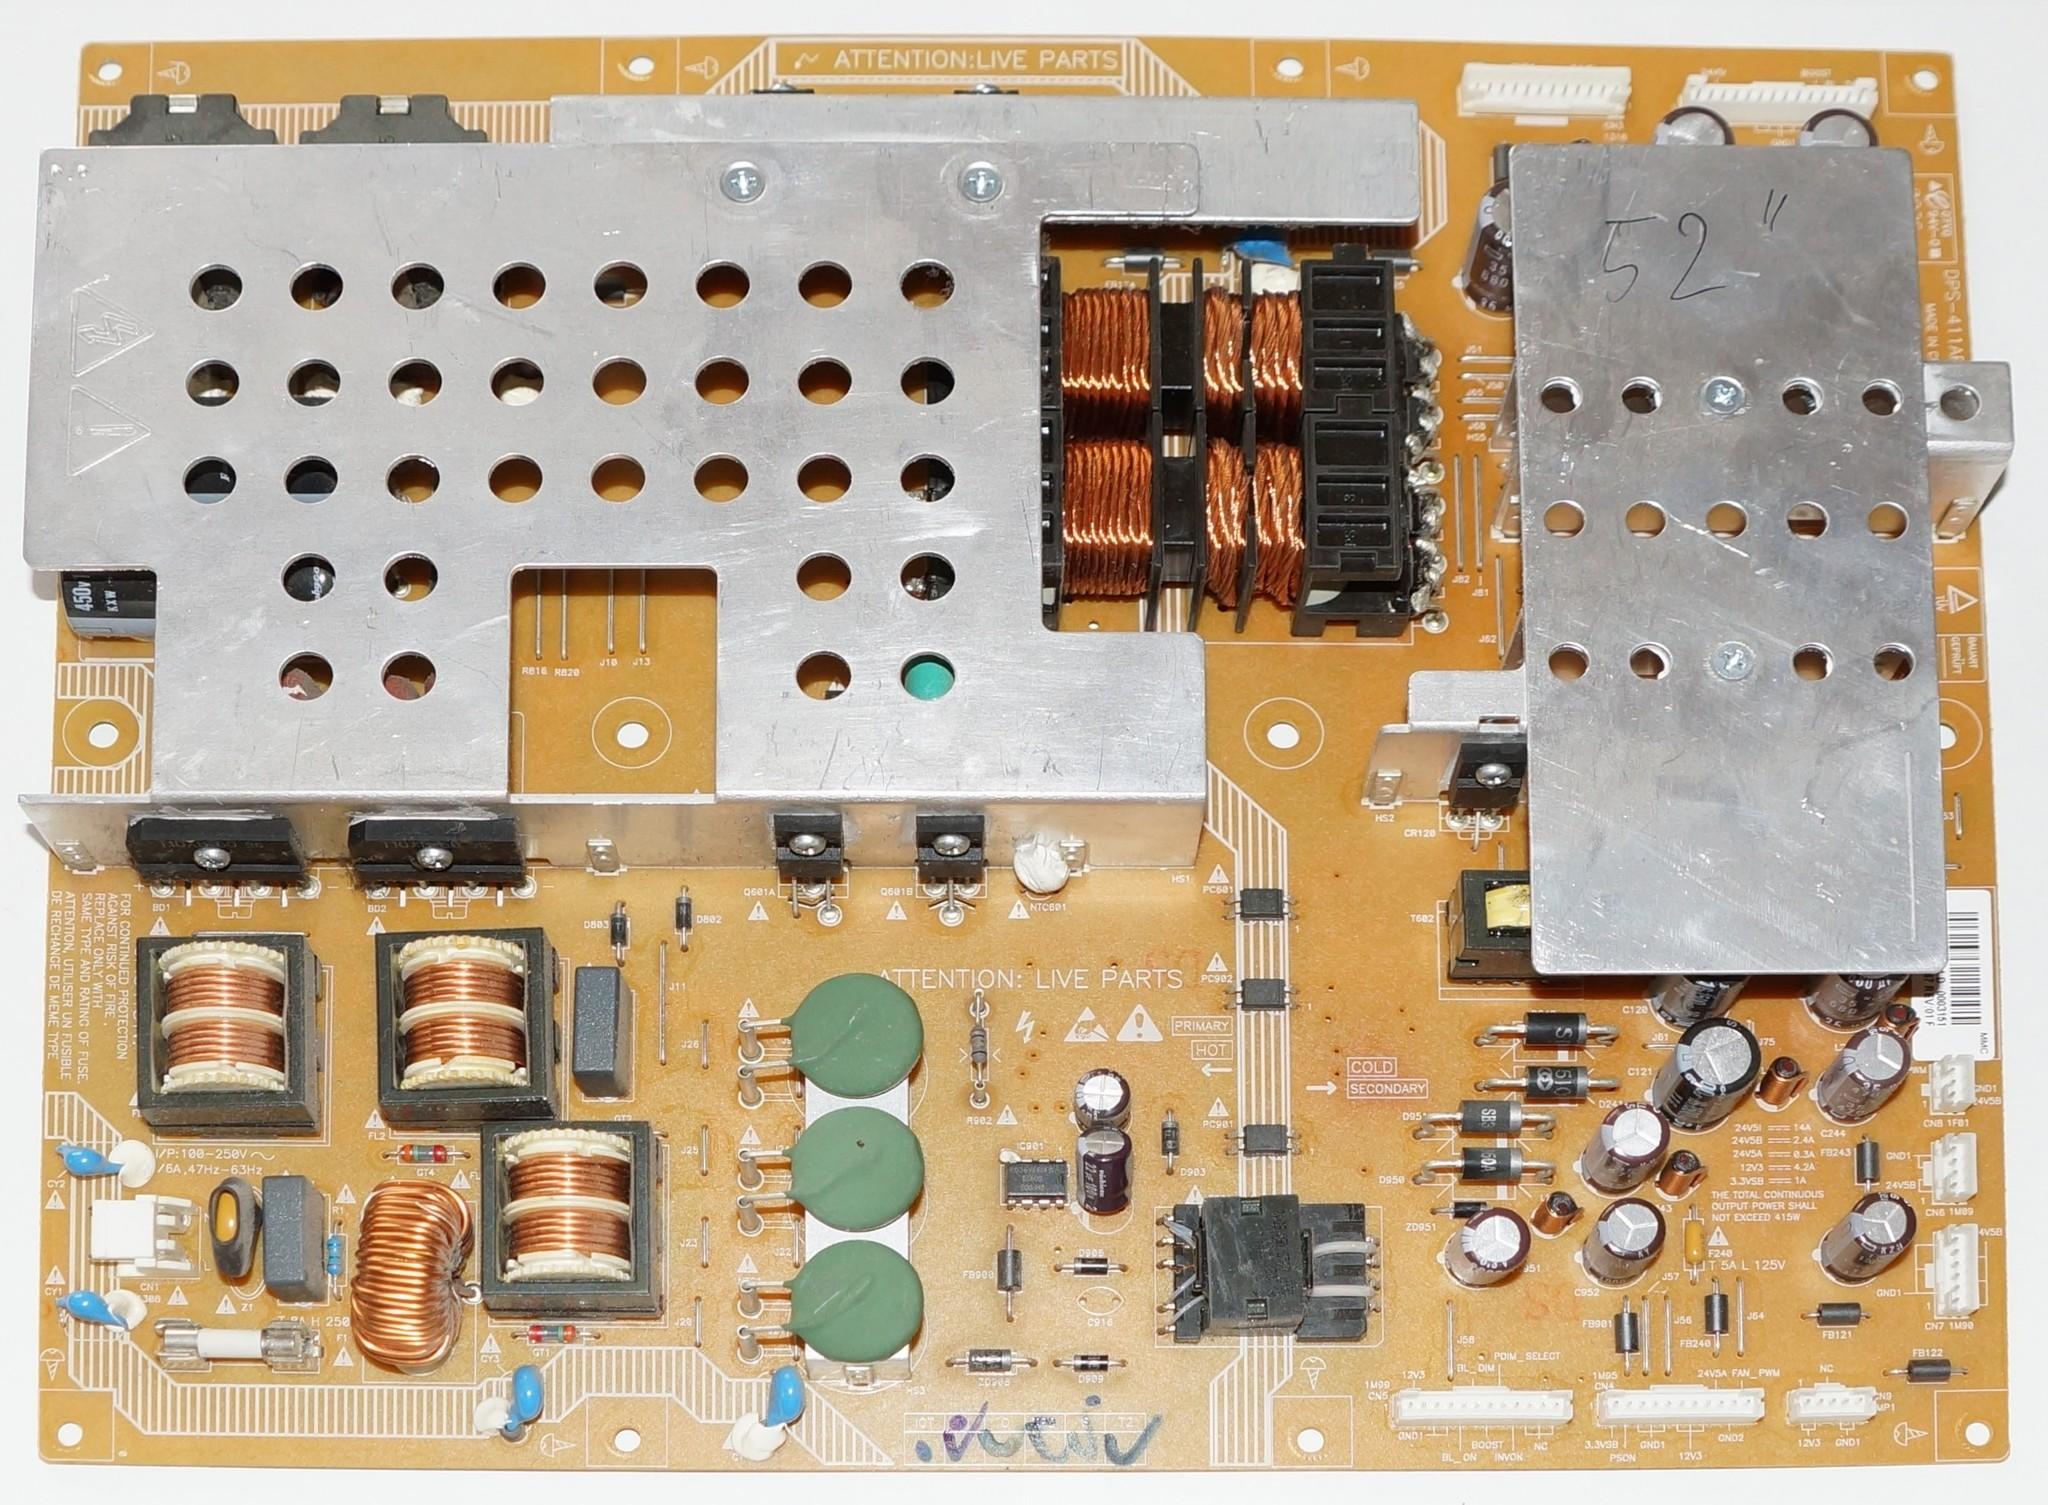 DPS-411AP-3 2722 171 00867 rev01